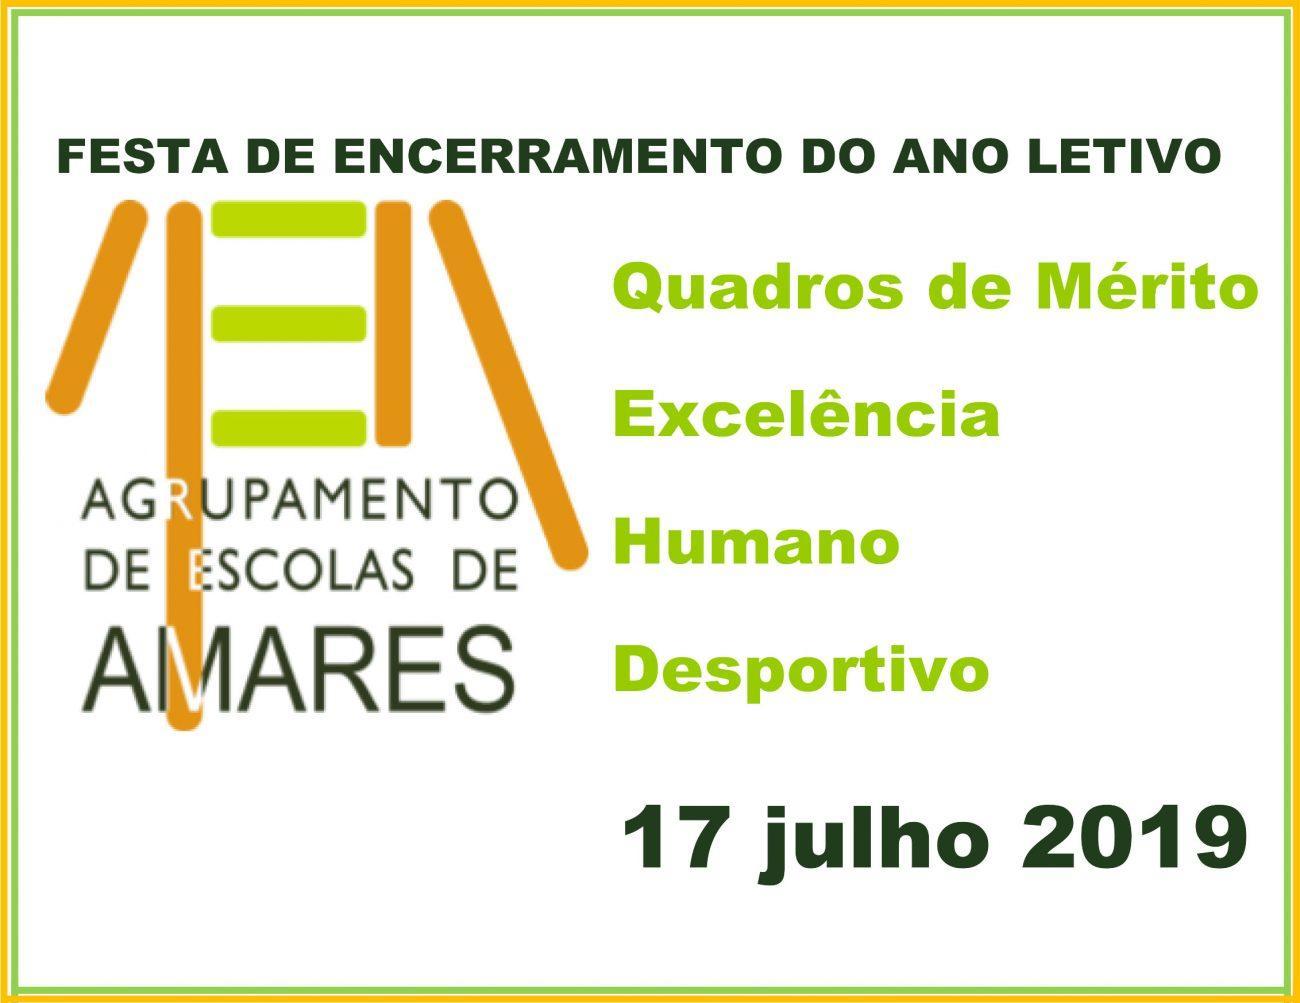 EDUCAÇÃO – AE de Amares promove festa de encerramento do ano lectivo no dia 17 de Julho